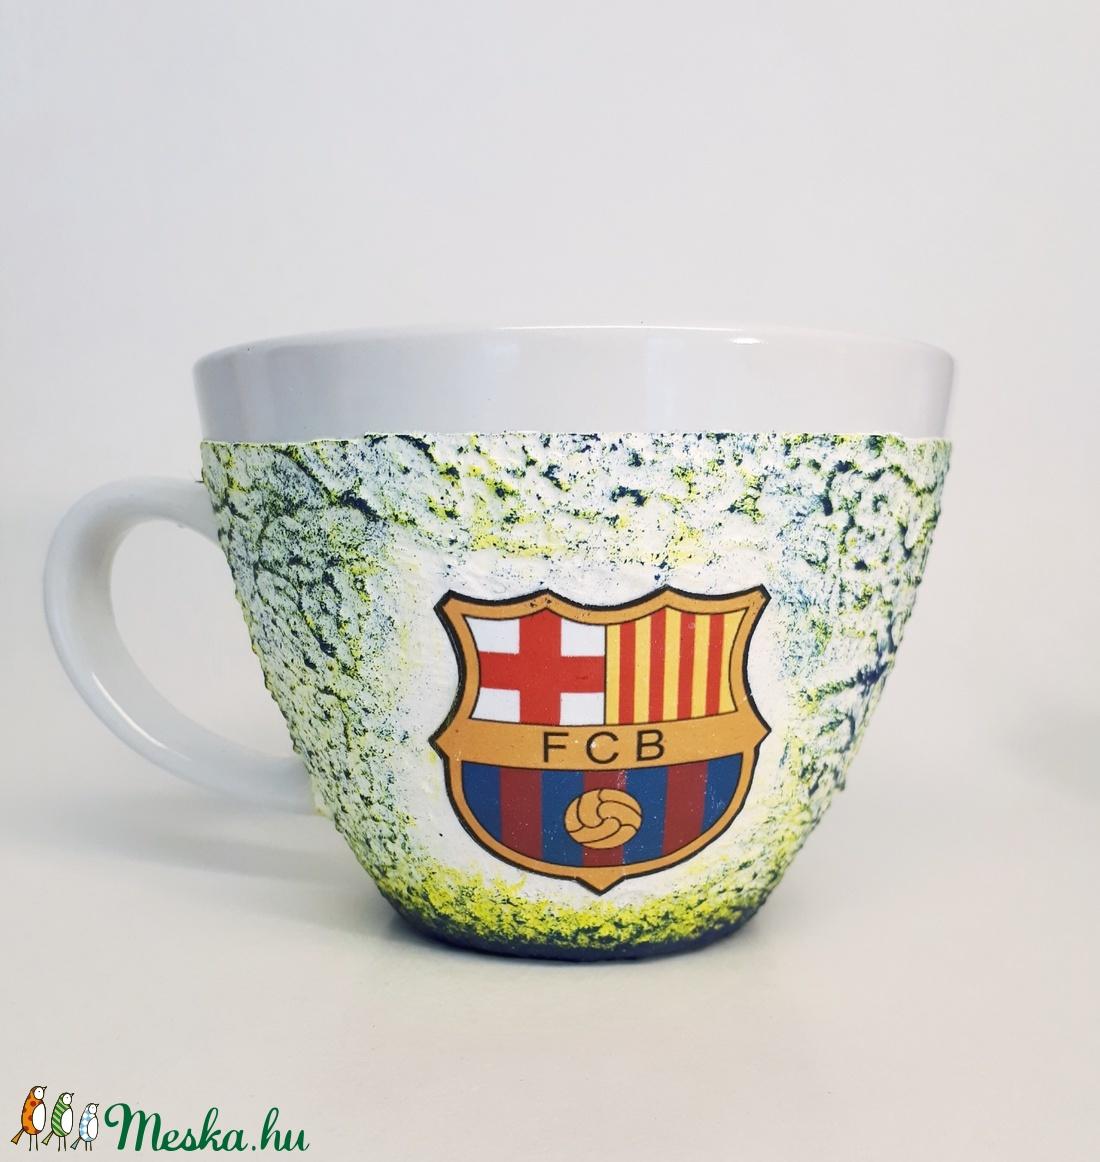 Fc Barcelona kerámia bögre, foci rajongói ajándék névnapra, szülinapra, karácsonyra.  (Biborvarazs) - Meska.hu